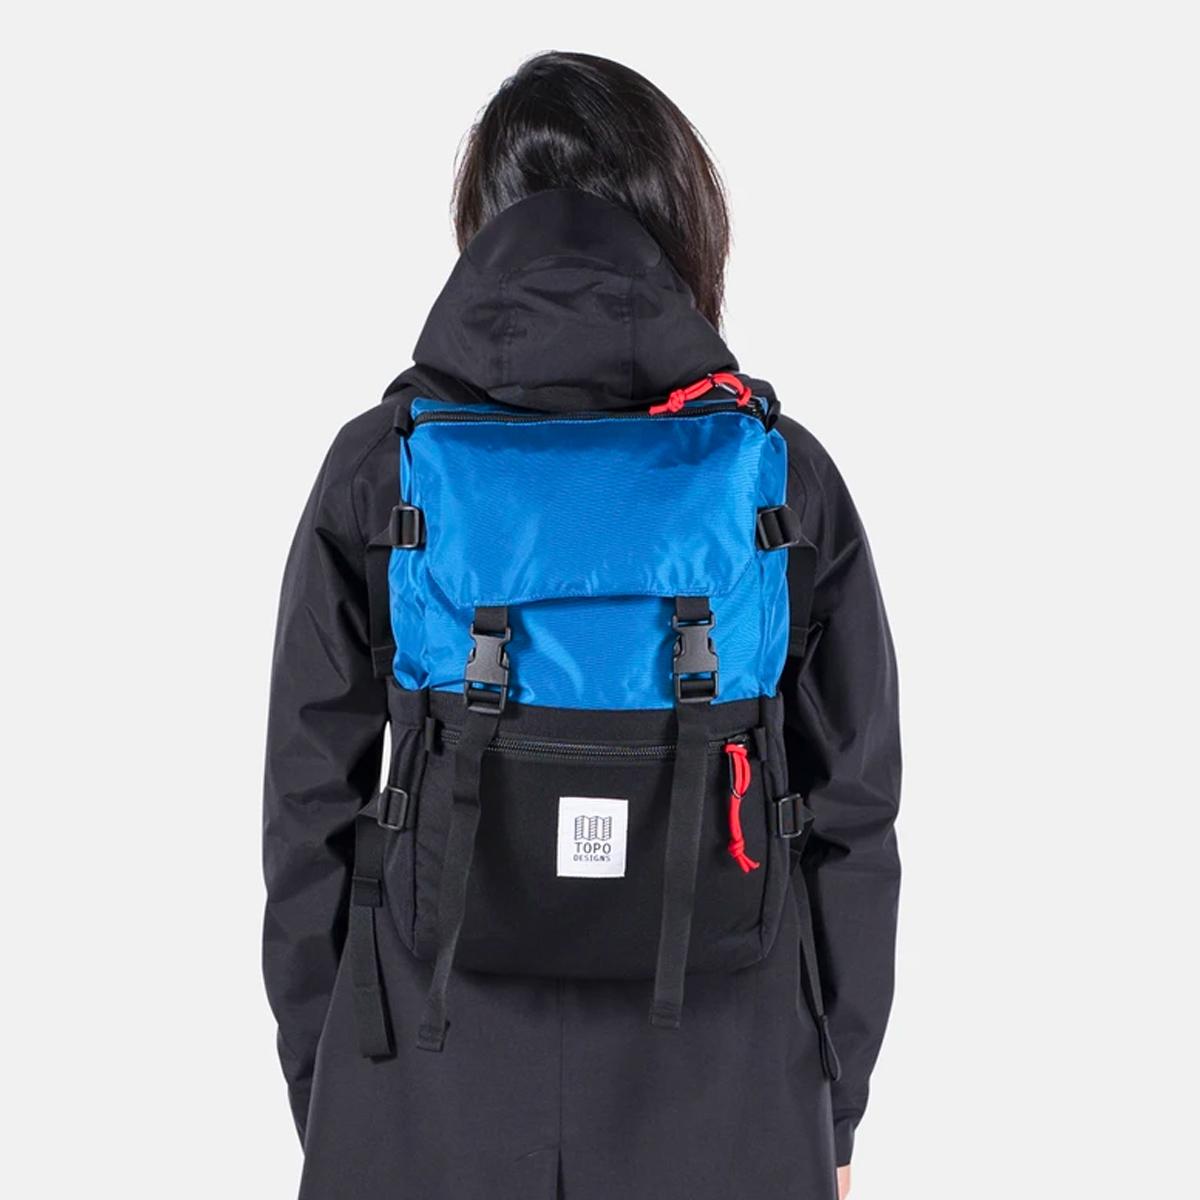 Topo Designs Rover Pack Classic Blue/Black, der ideale Rucksack für den täglichen Gebrauch